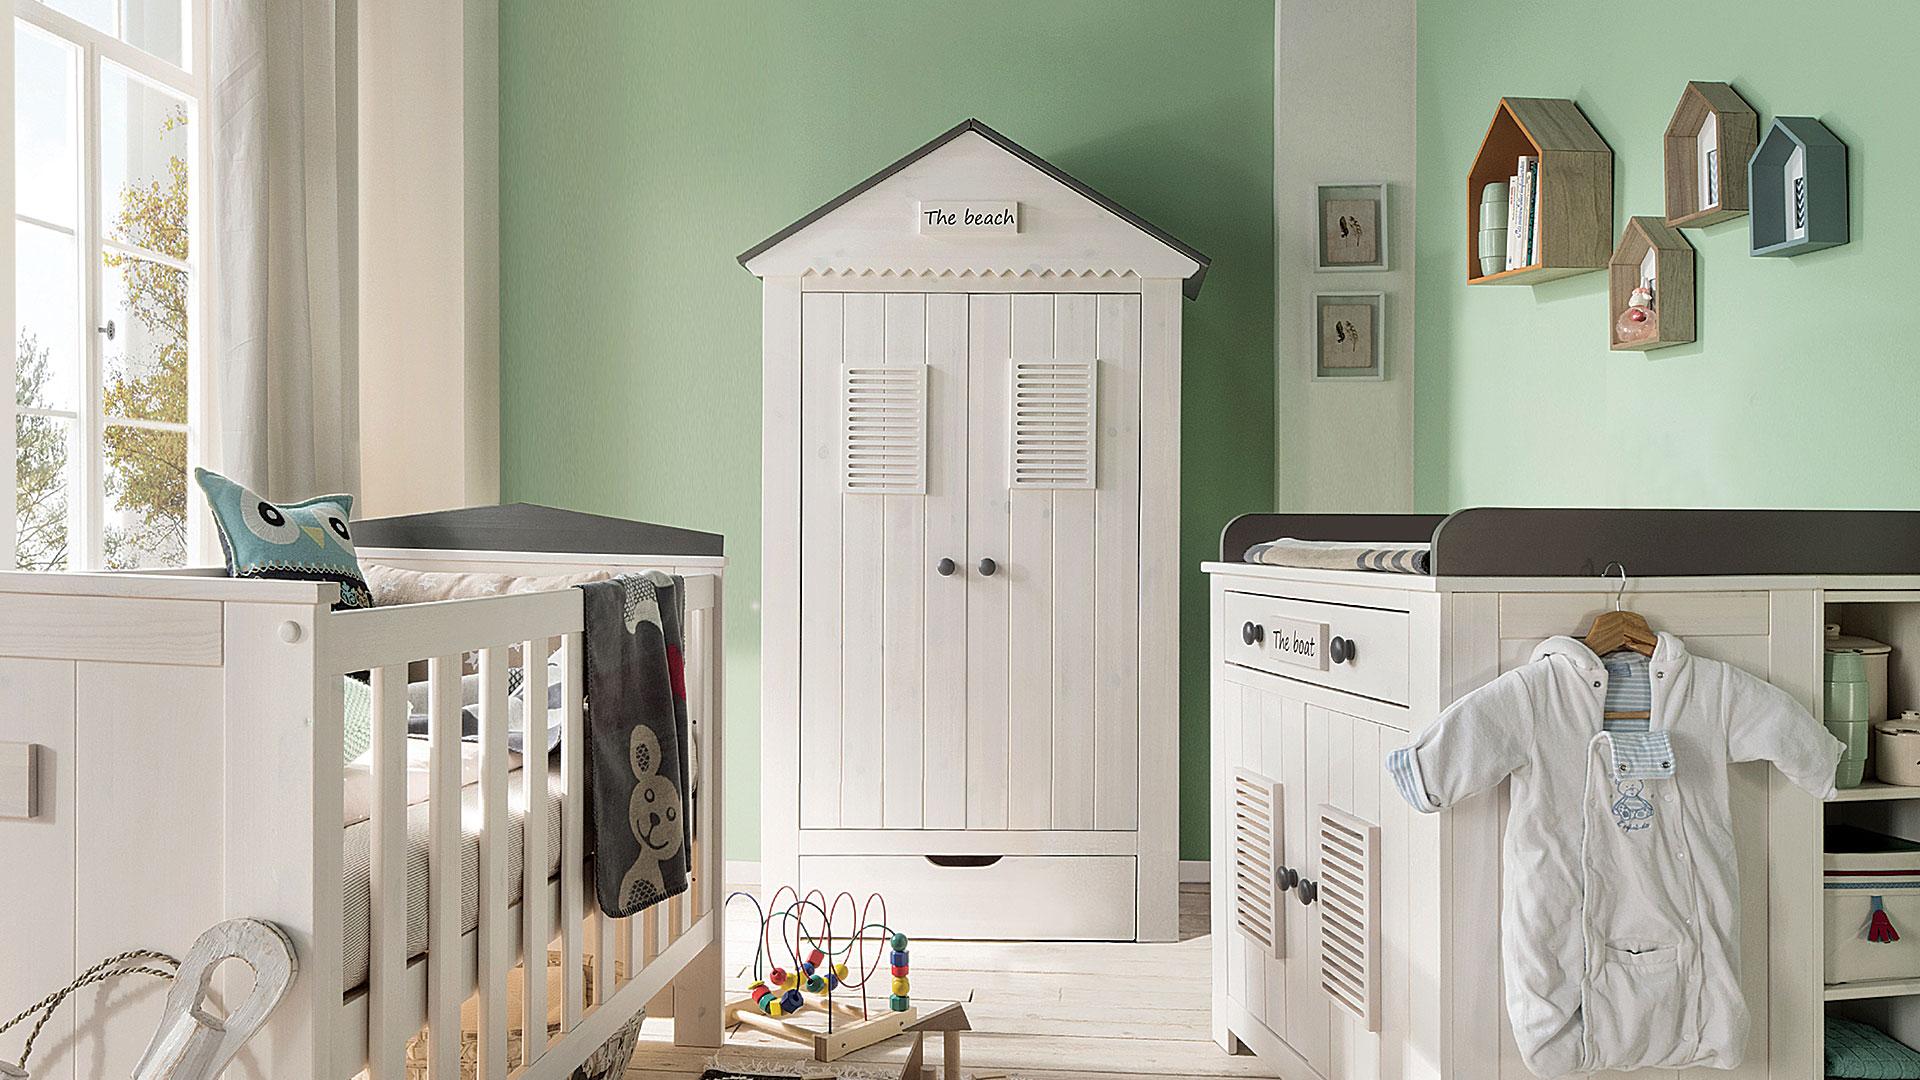 kleiderschrank sunny massiv kiefer. Black Bedroom Furniture Sets. Home Design Ideas